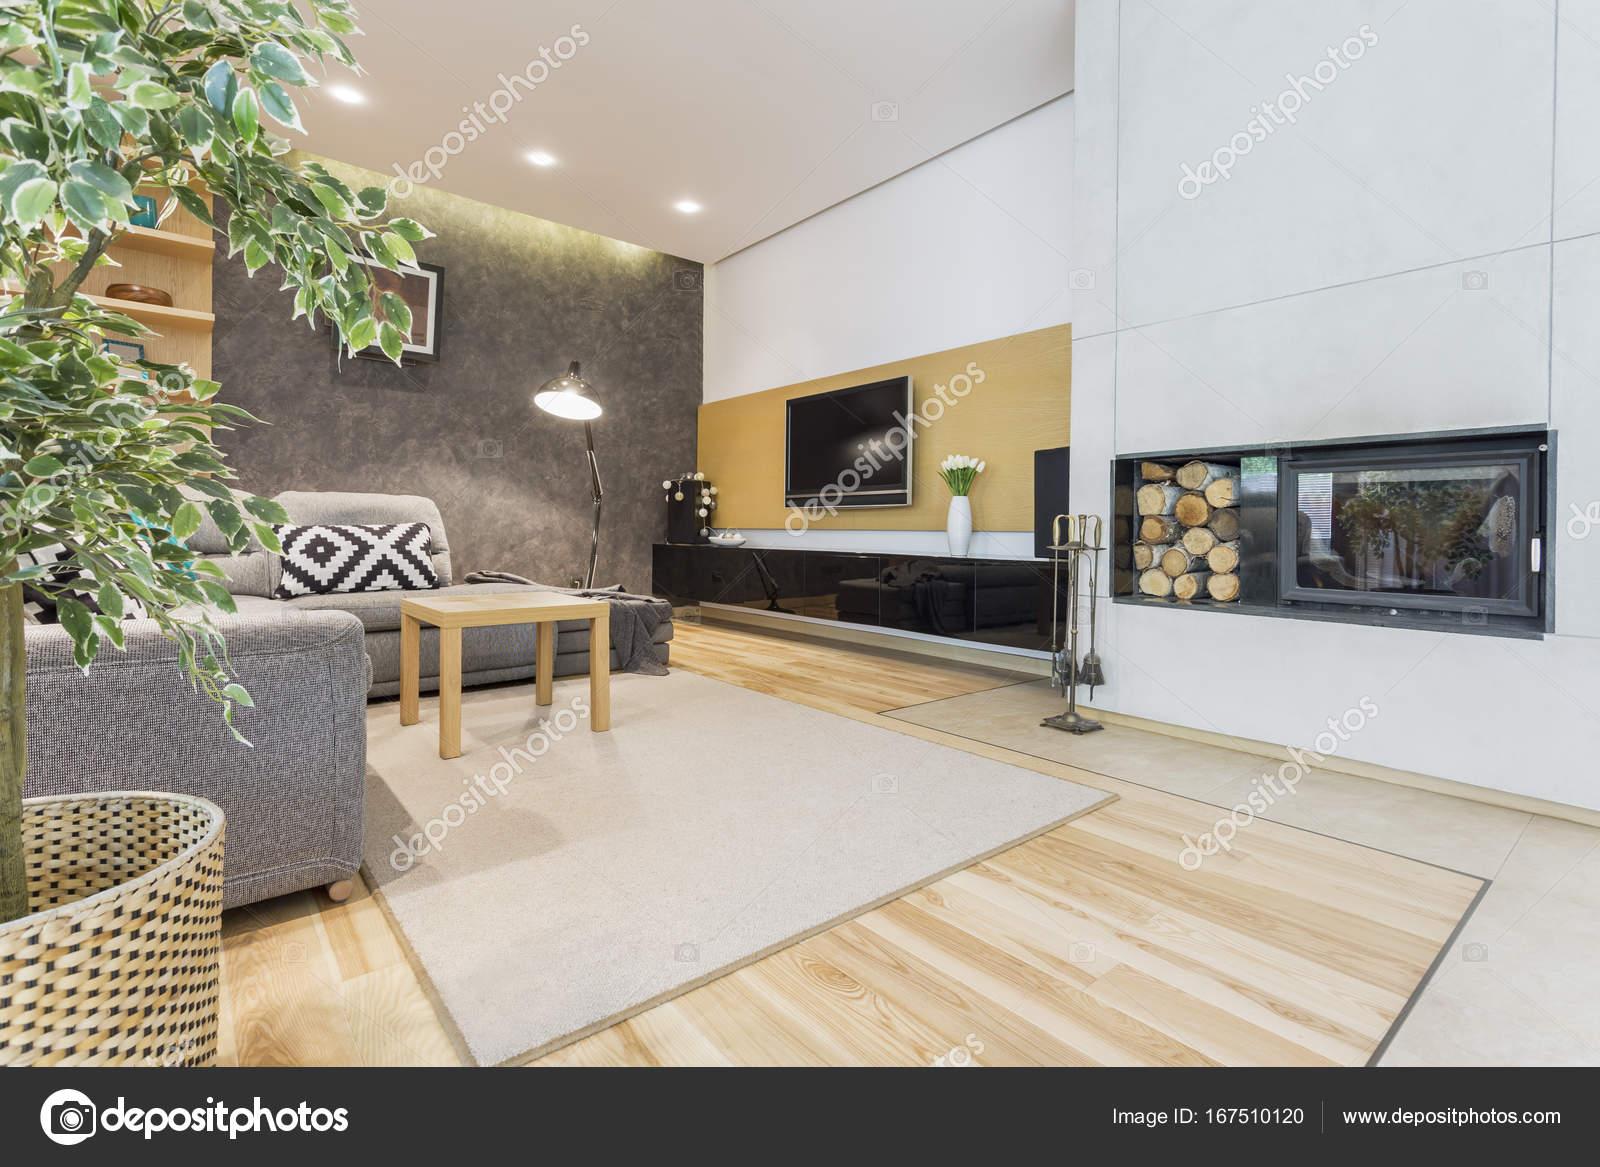 moderno salotto con camino — Foto Stock © photographee.eu #167510120